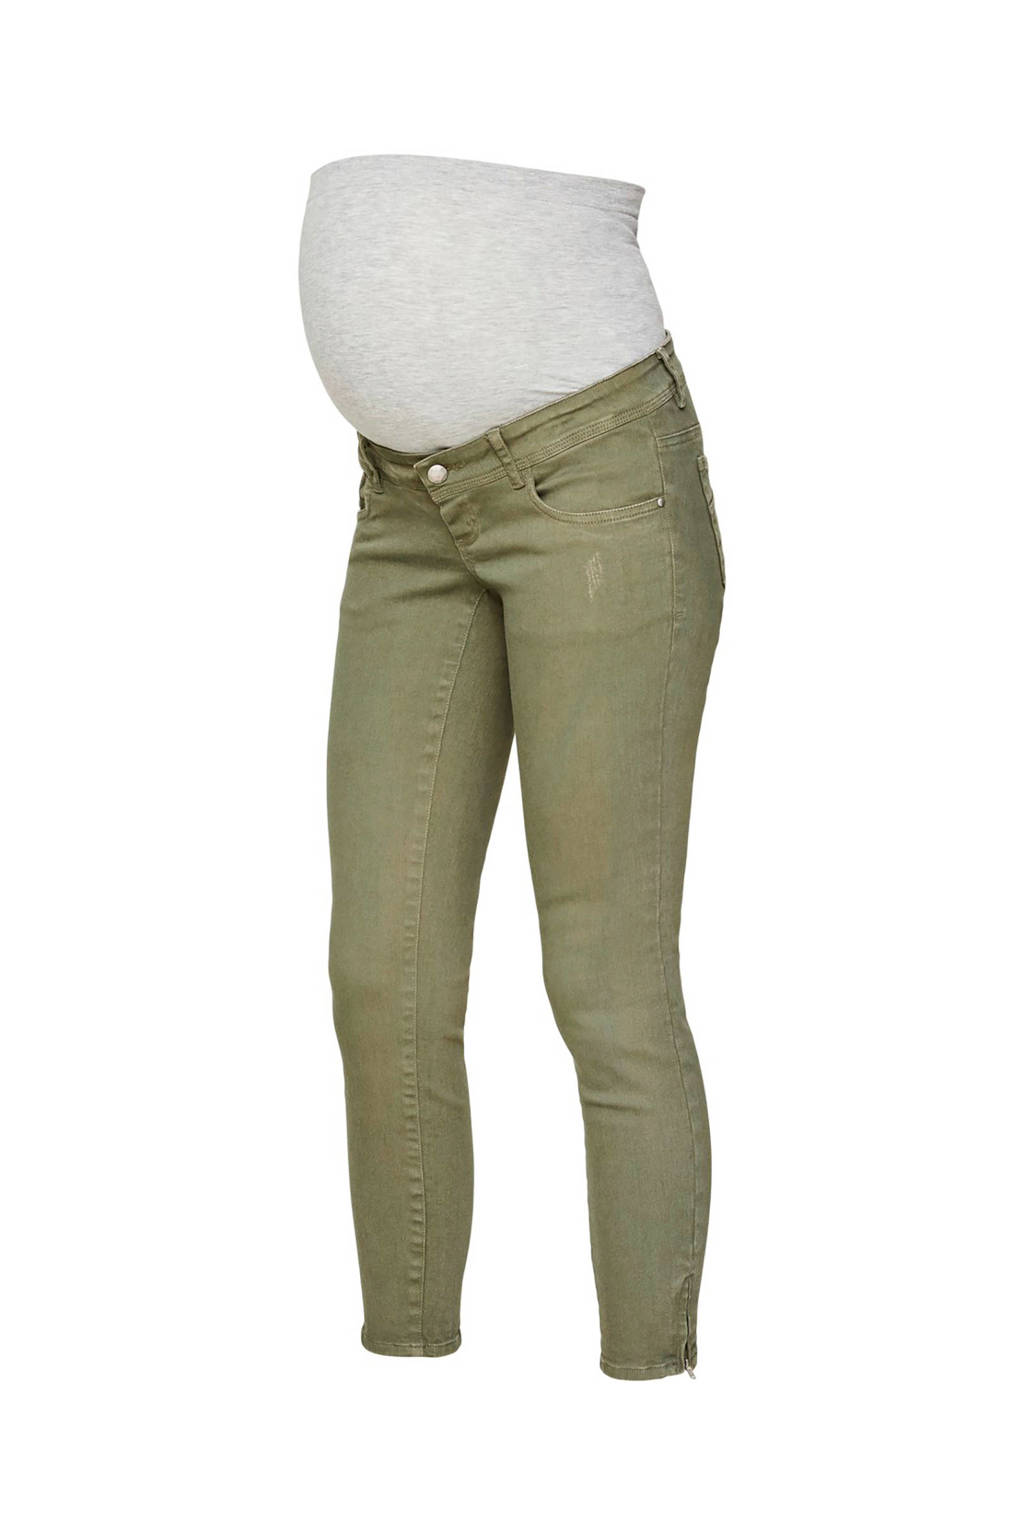 MAMALICIOUS low waist slim fit zwangerschapsjeans Teal 7/8, Groen